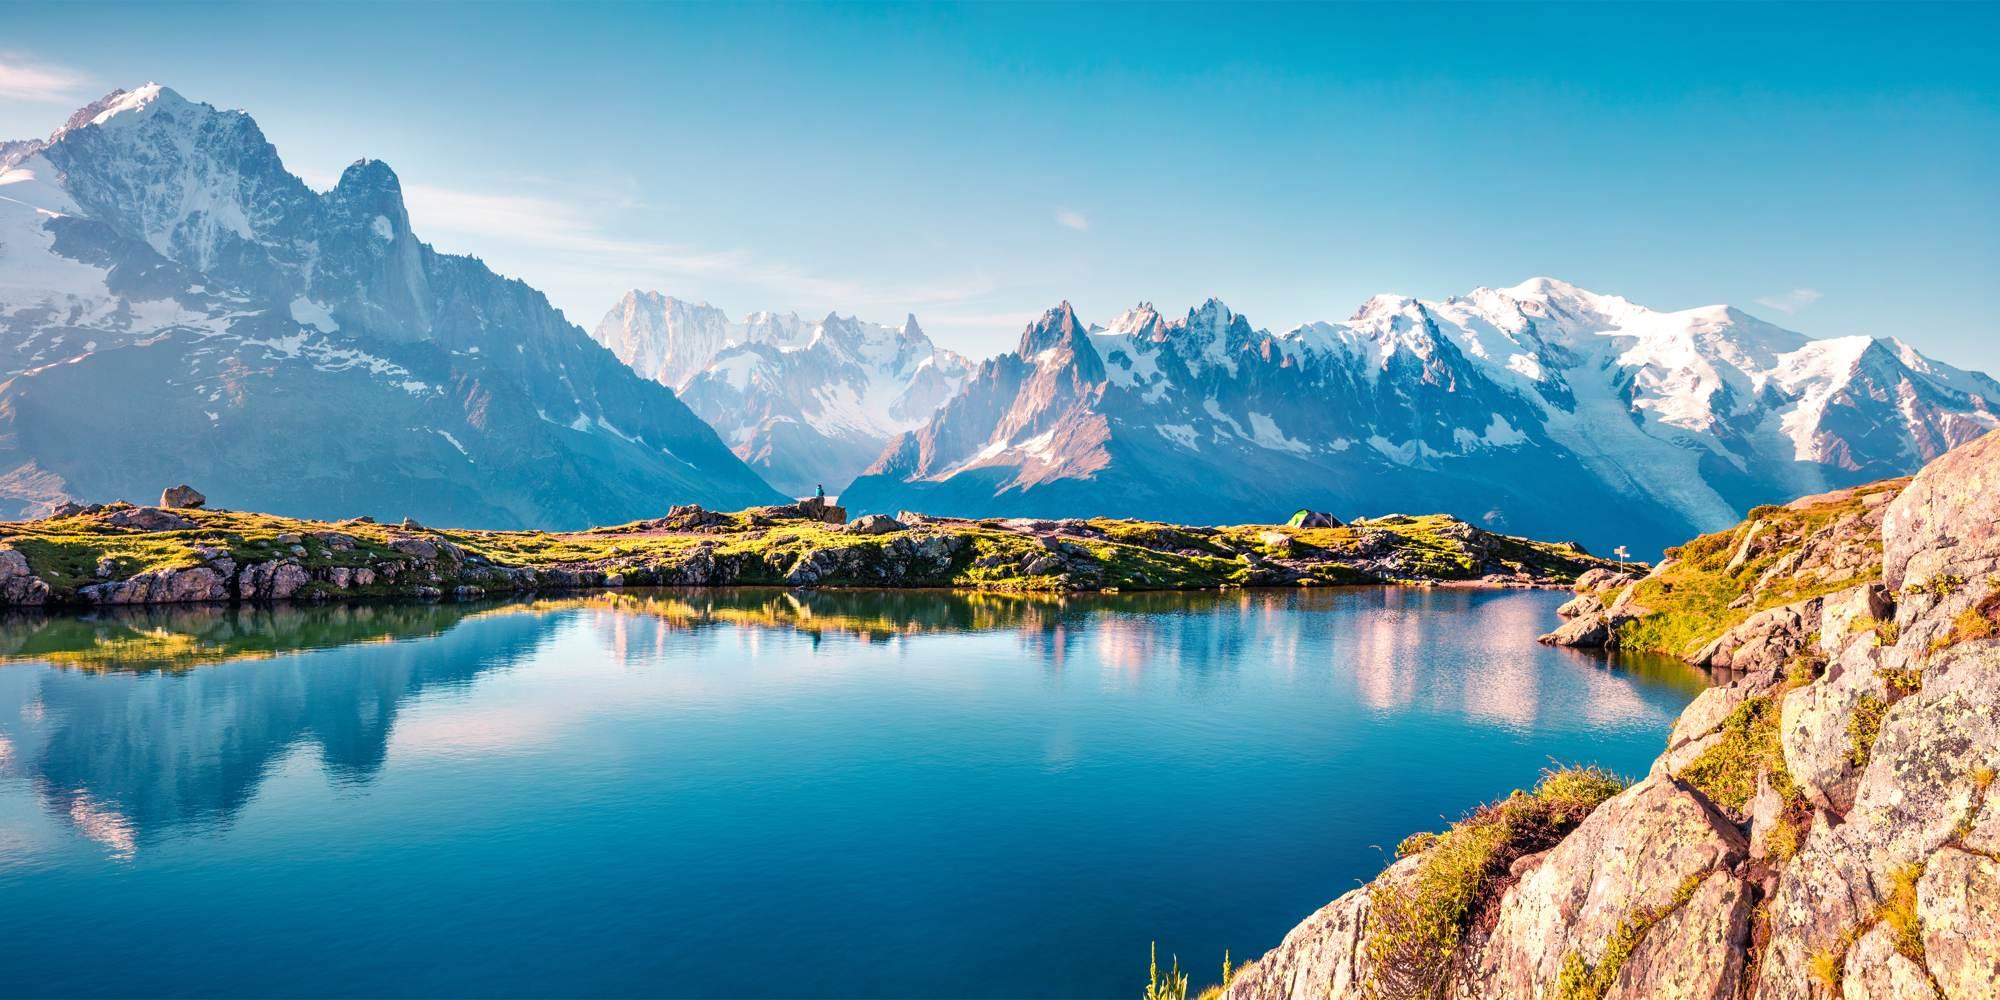 Schöne landschaftliche Kulisse im Naturreservat Vallon de Bérard, Grajische Alpen, Frankreich